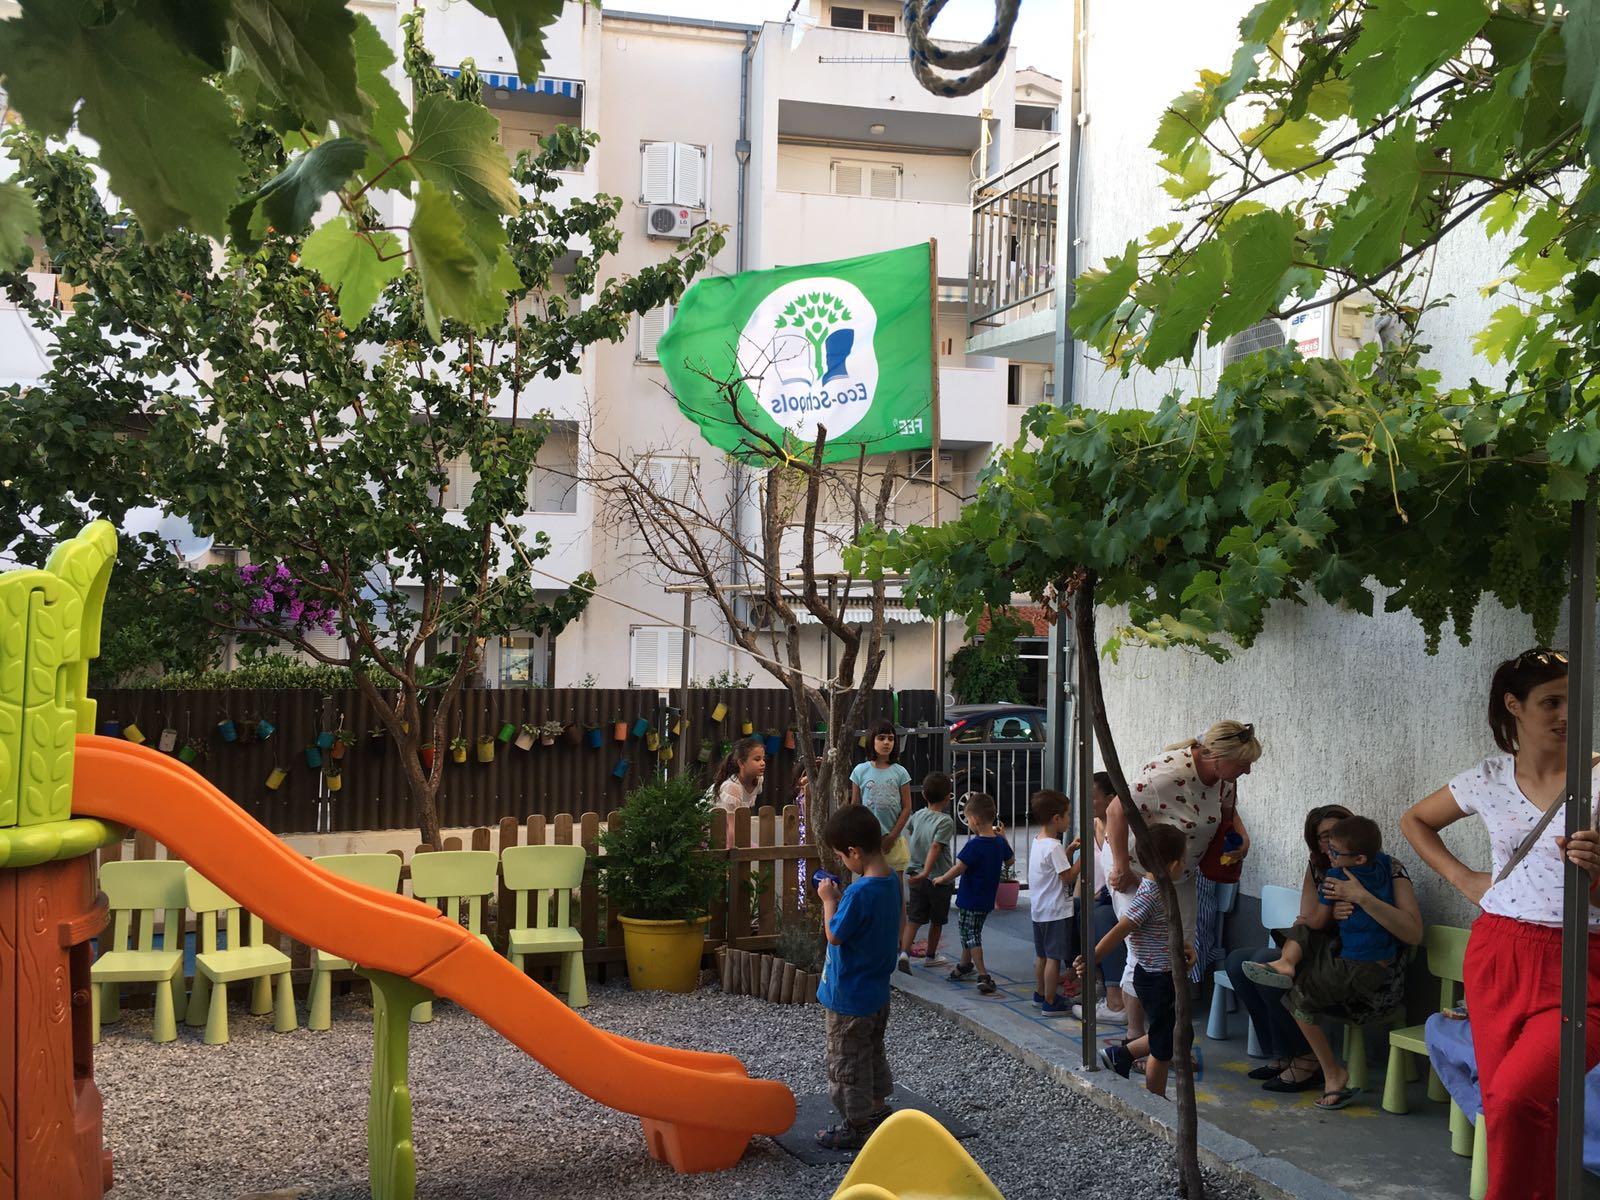 Svečano podizanje Eko zastave- prvi eko vrtić u Solinu